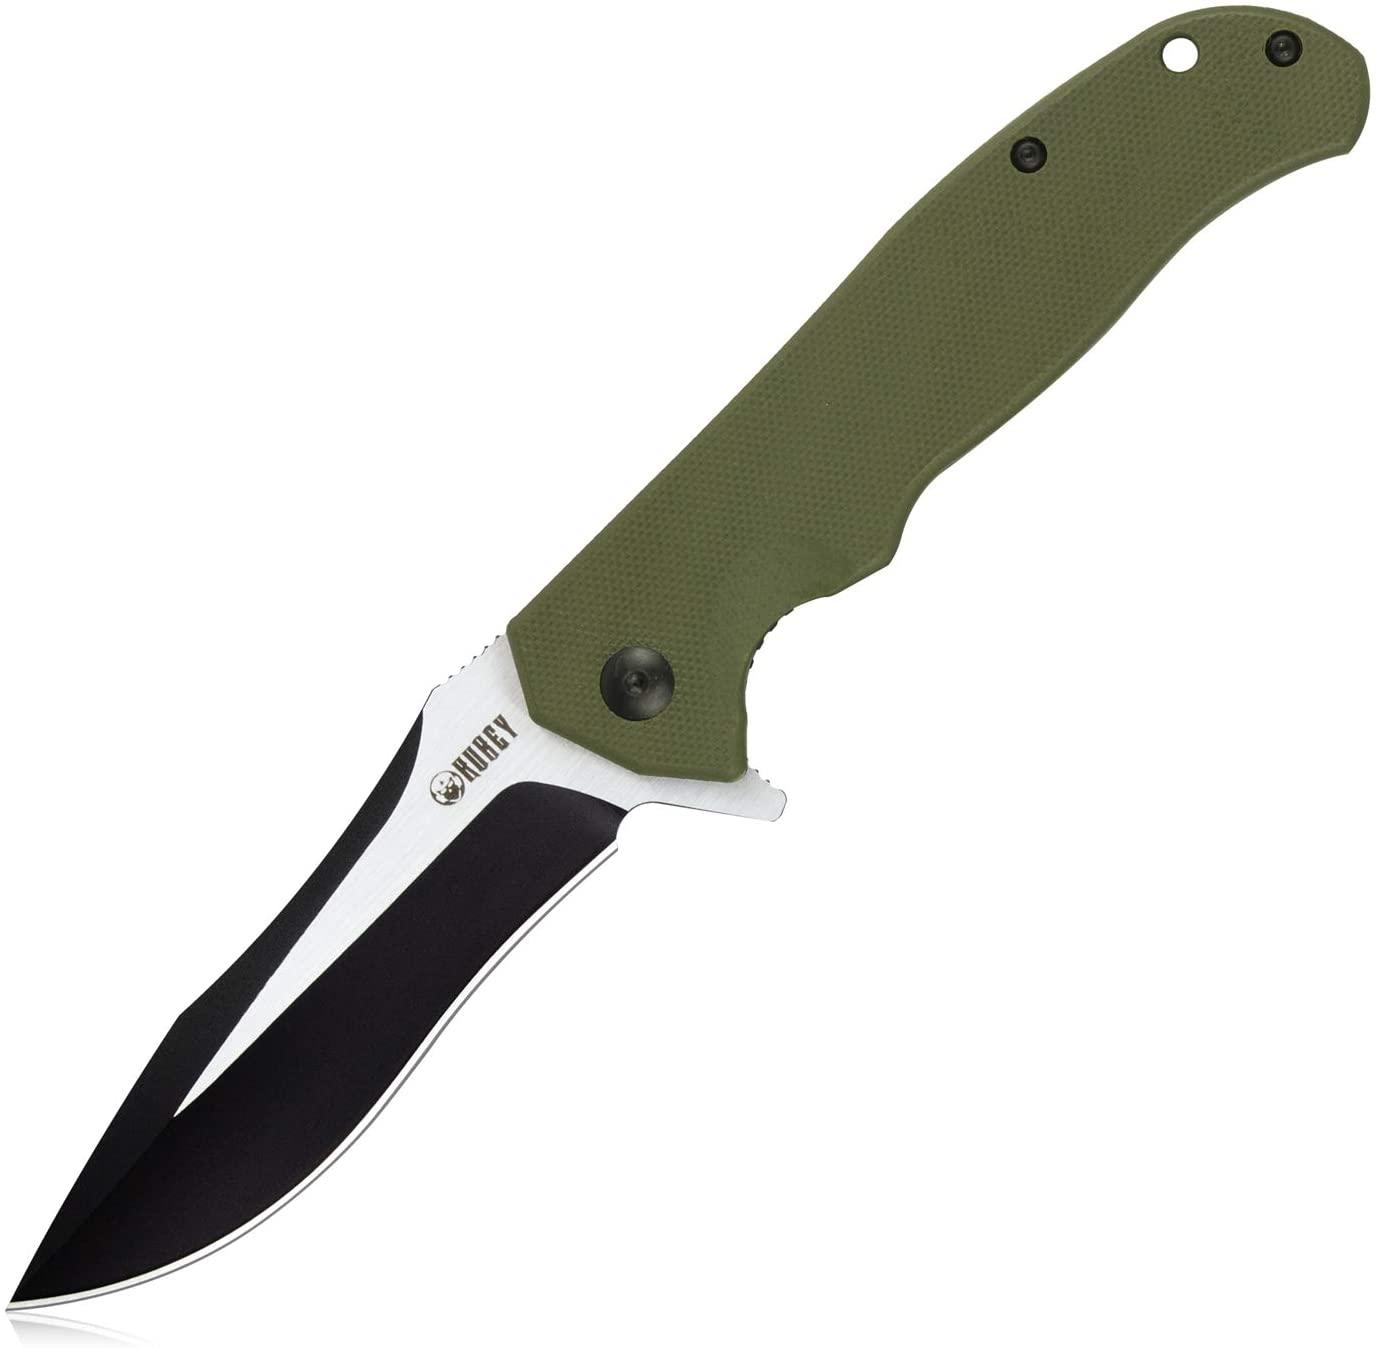 KUBEY Hero KU162 Folding Pocket Knife, G10 Handle and 3.5